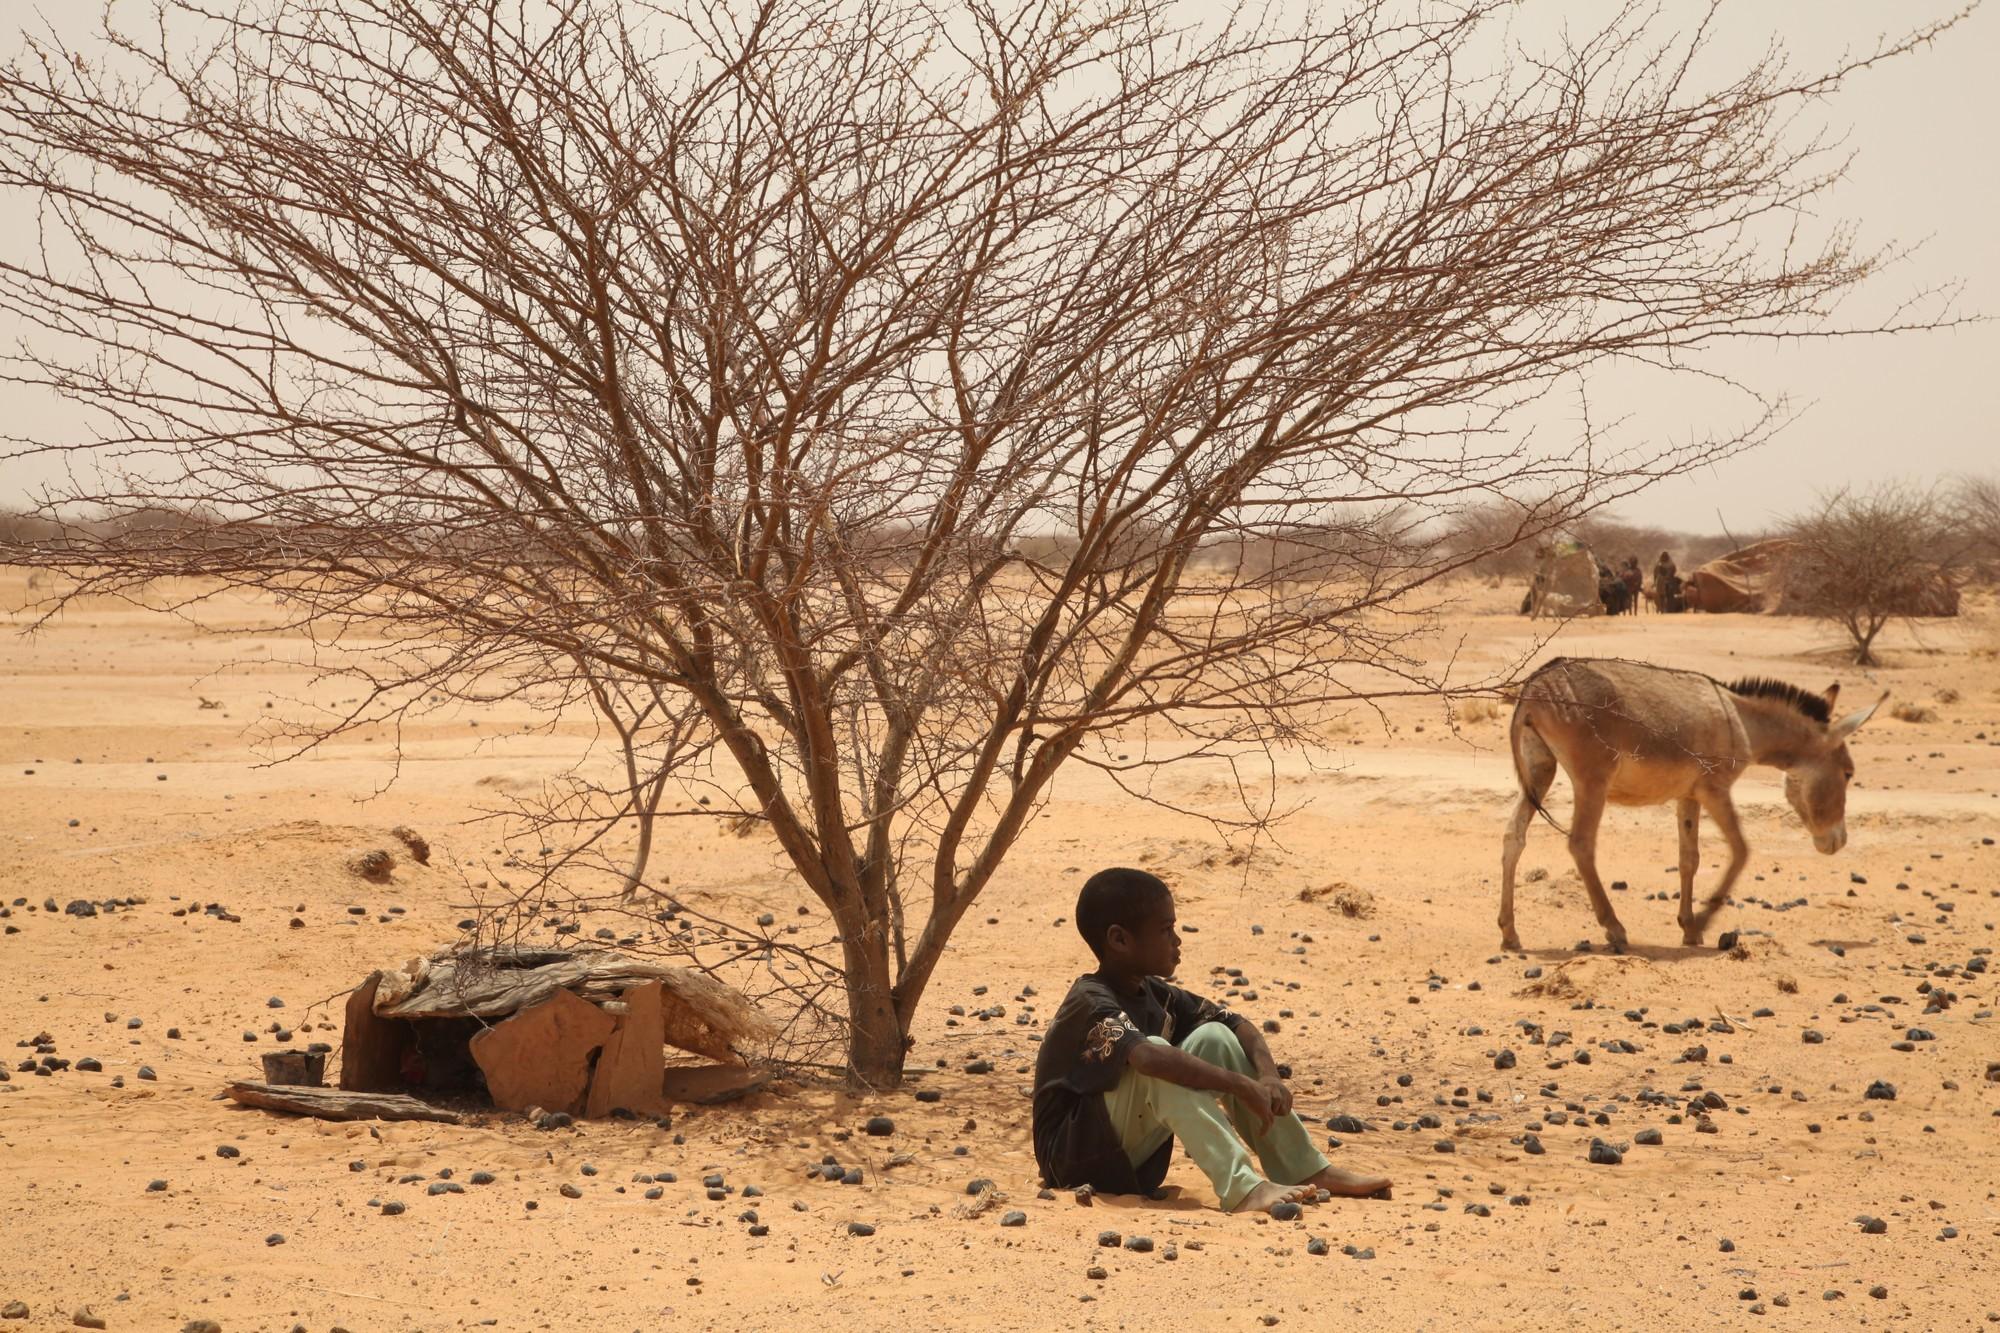 Malian refugee boy sheletring under tree in Gaoudel